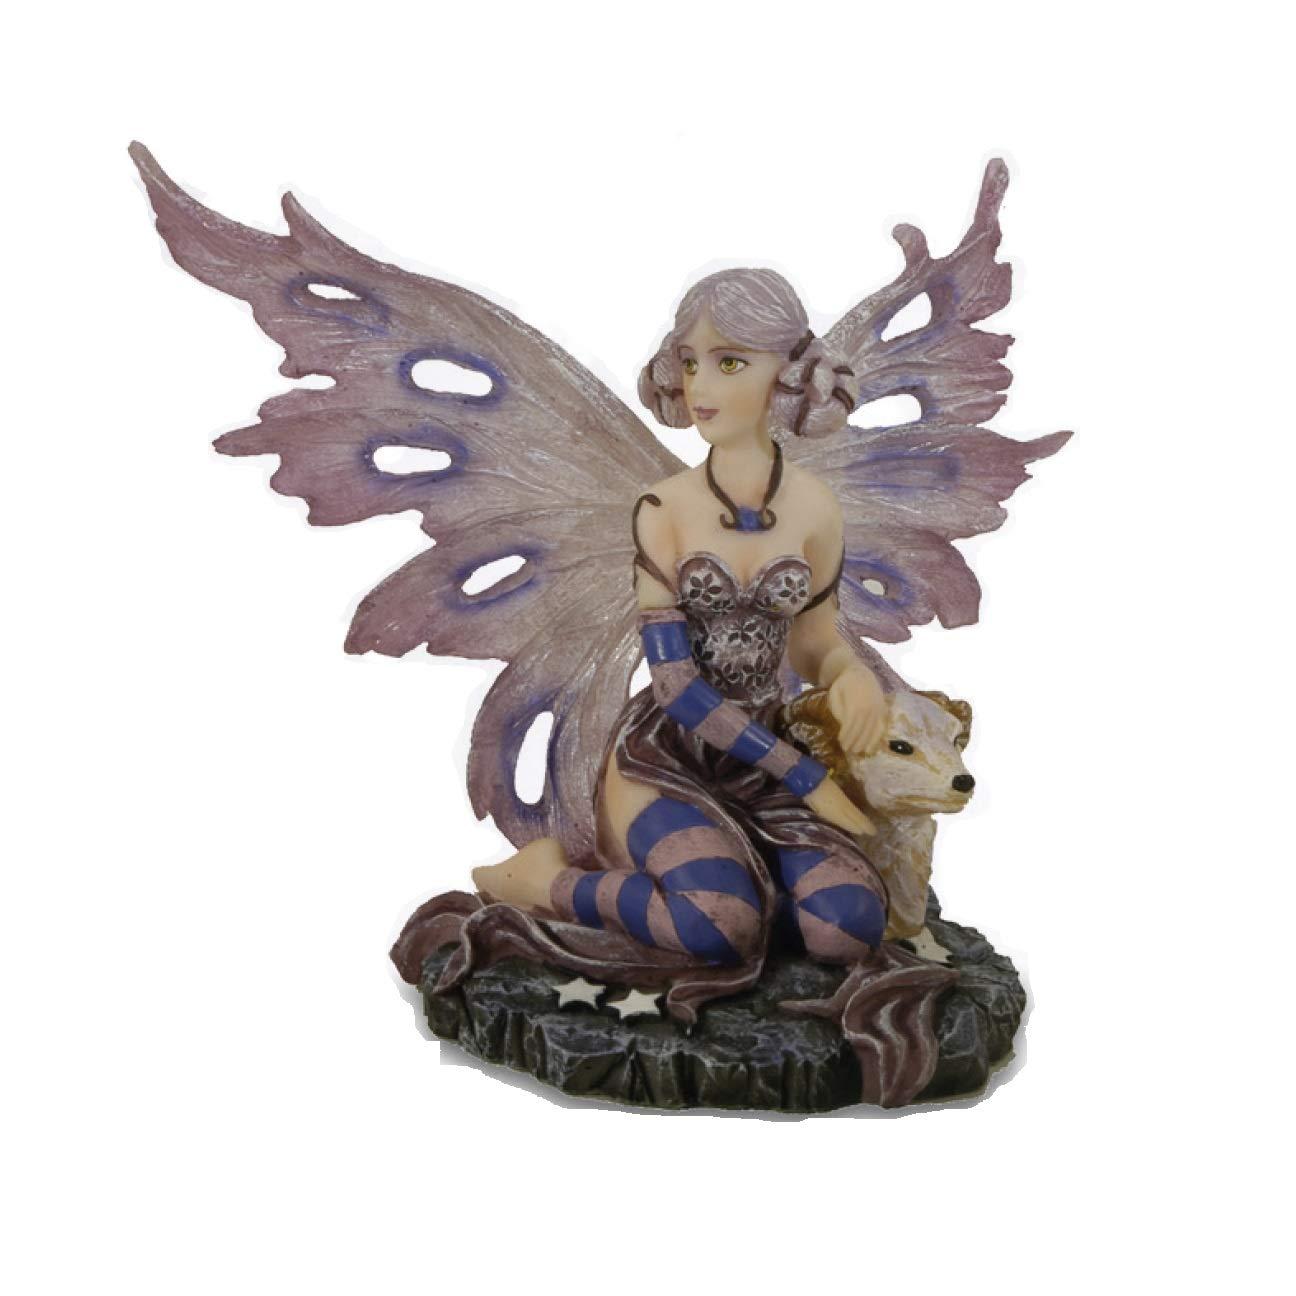 Collezione Fairy Land Zodiac 042 134-28 Altezza 13 cm Statuetta Figura Dipinta a Mano Les Alpes Orig Fata Segno Zodiacale Ariete